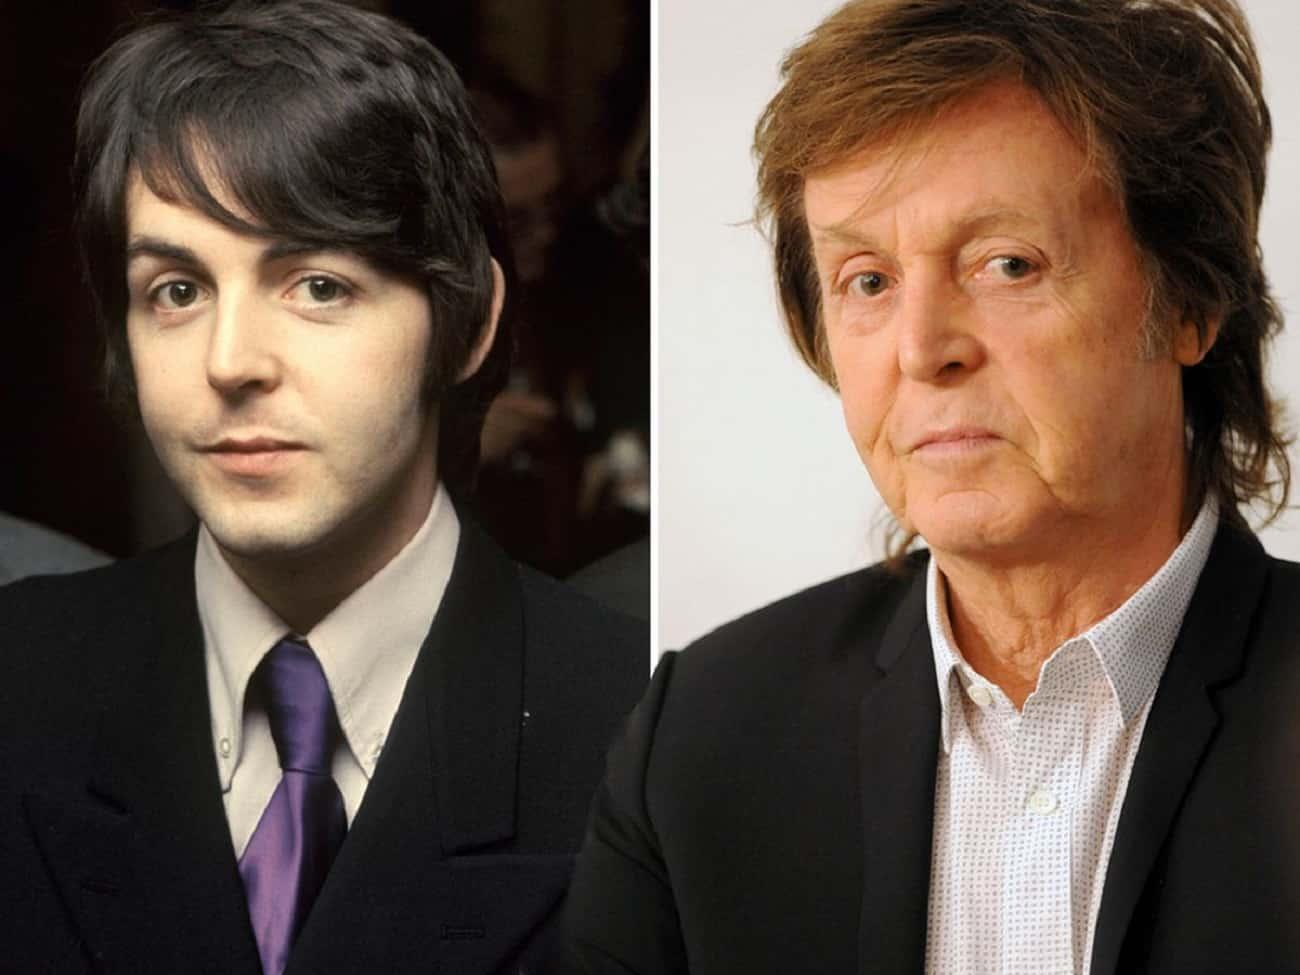 Teorias da conspiração   Paul McCartney